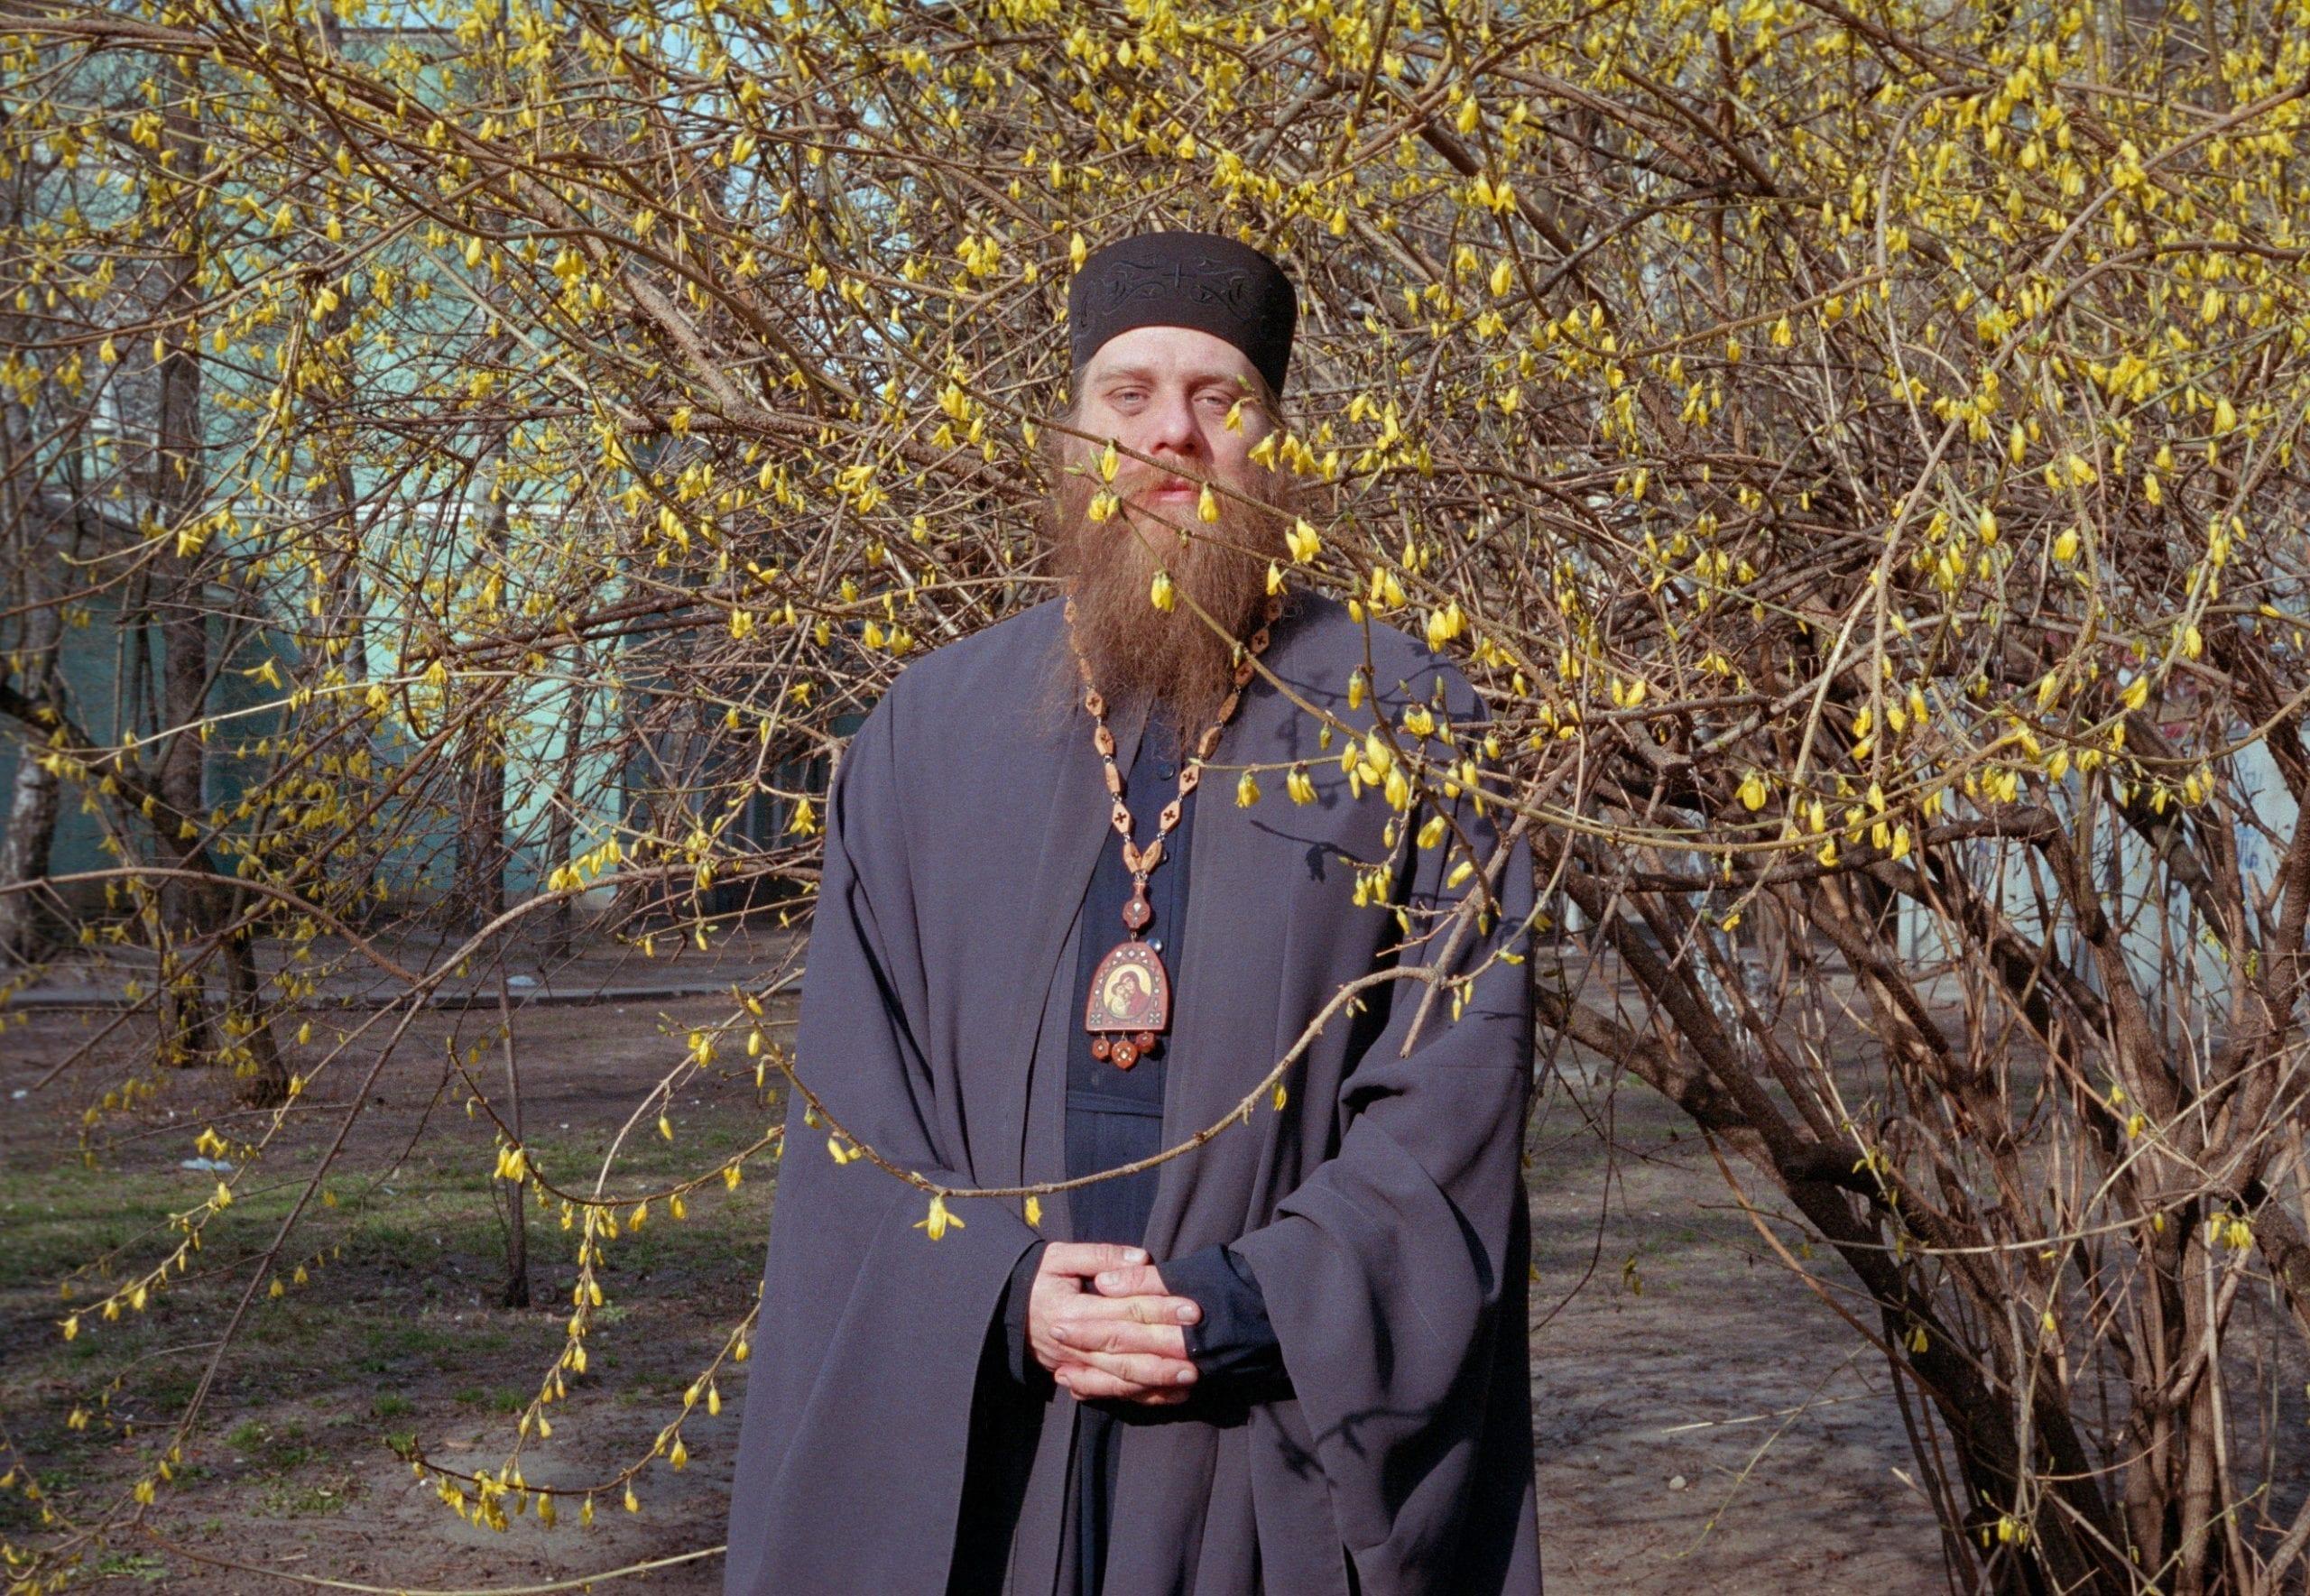 2020 04 07 0086 scaled - <b>Квир-священник.</b> История непризнанного киевского «епископа» – единственного в Украине священнослужителя, который открыто поддерживает геев - Заборона